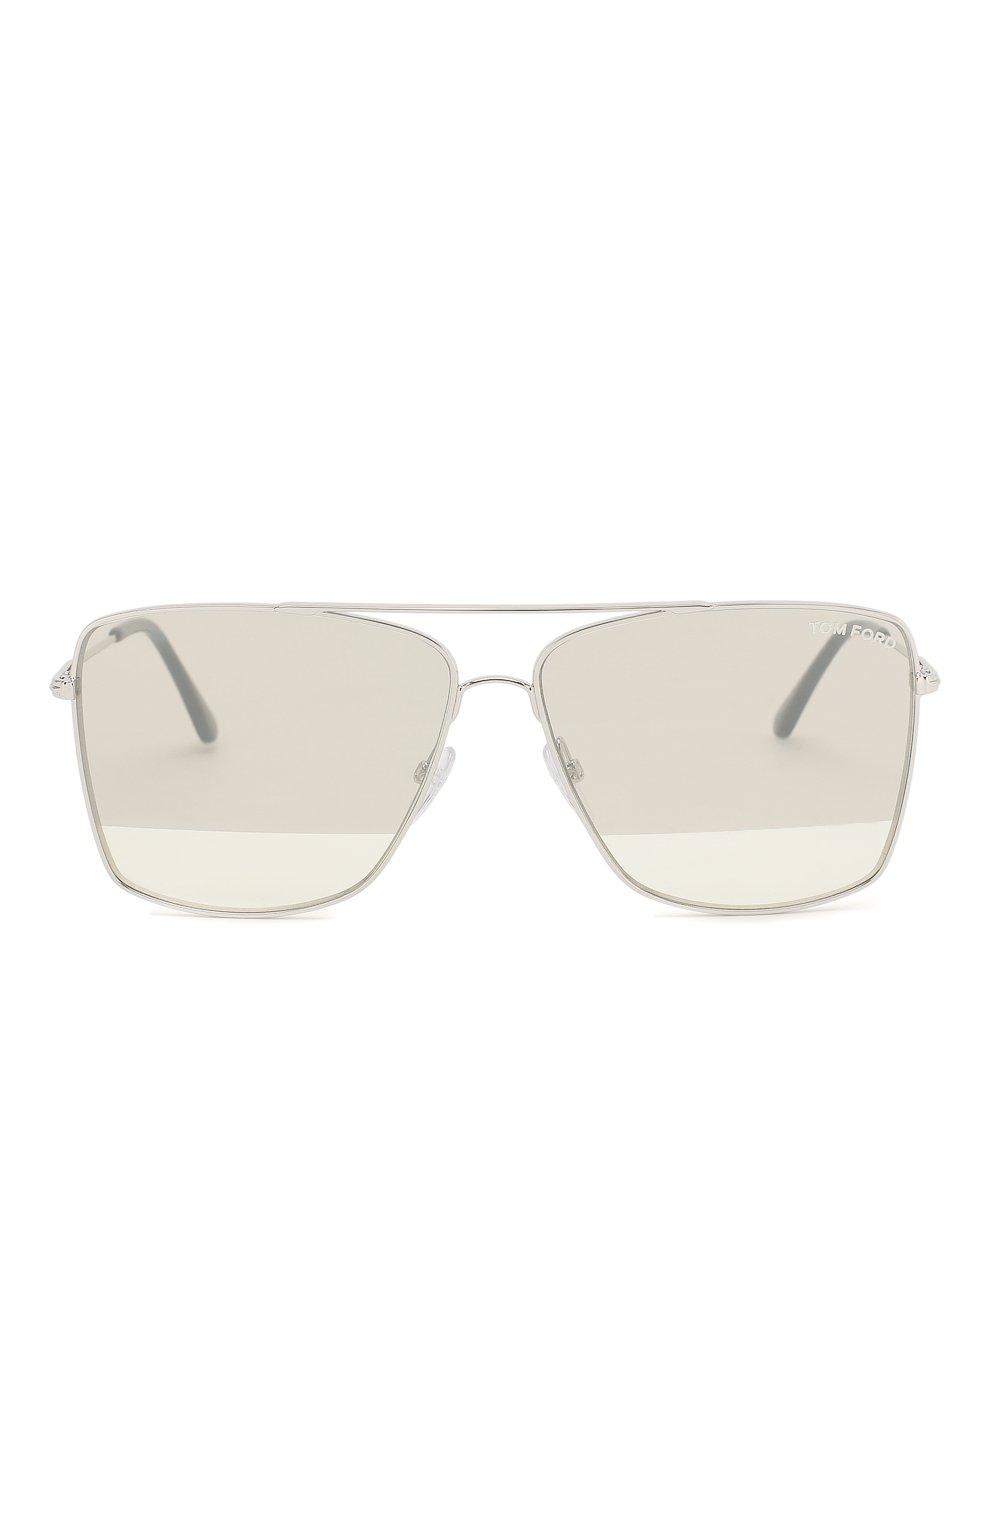 Женские солнцезащитные очки TOM FORD серебряного цвета, арт. TF651 18C | Фото 3